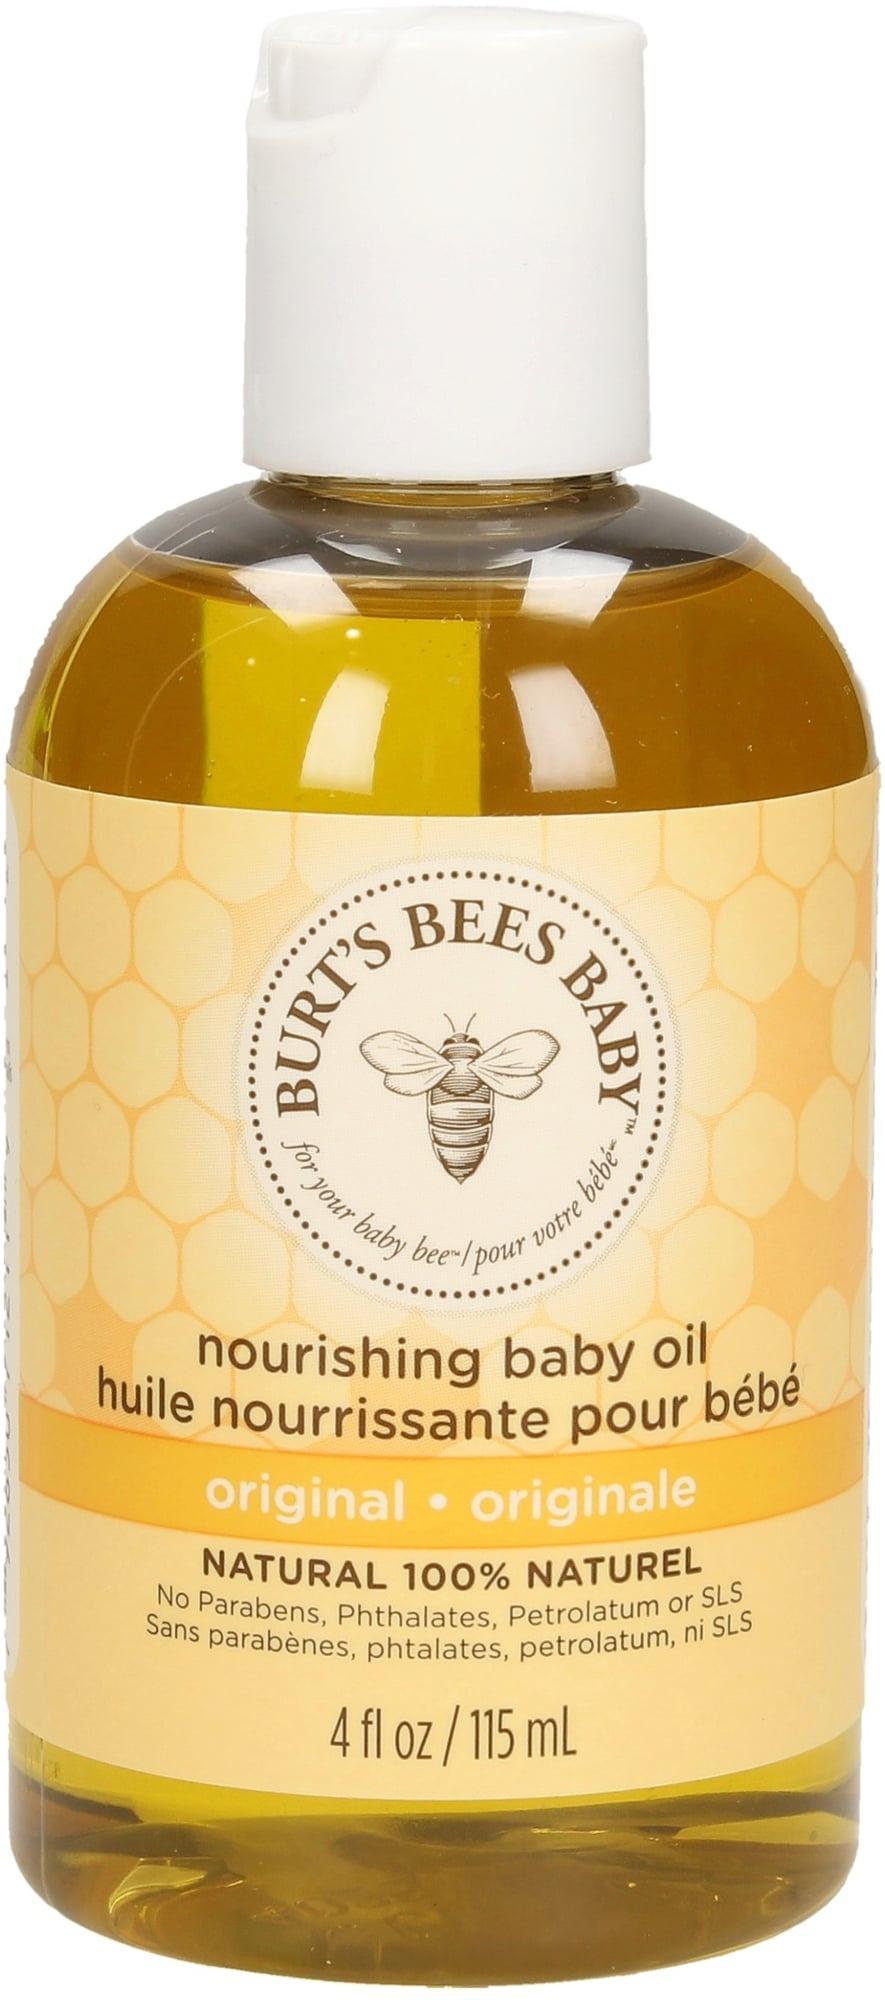 Burt's Bees 100% Natural Nourishing Baby Oil